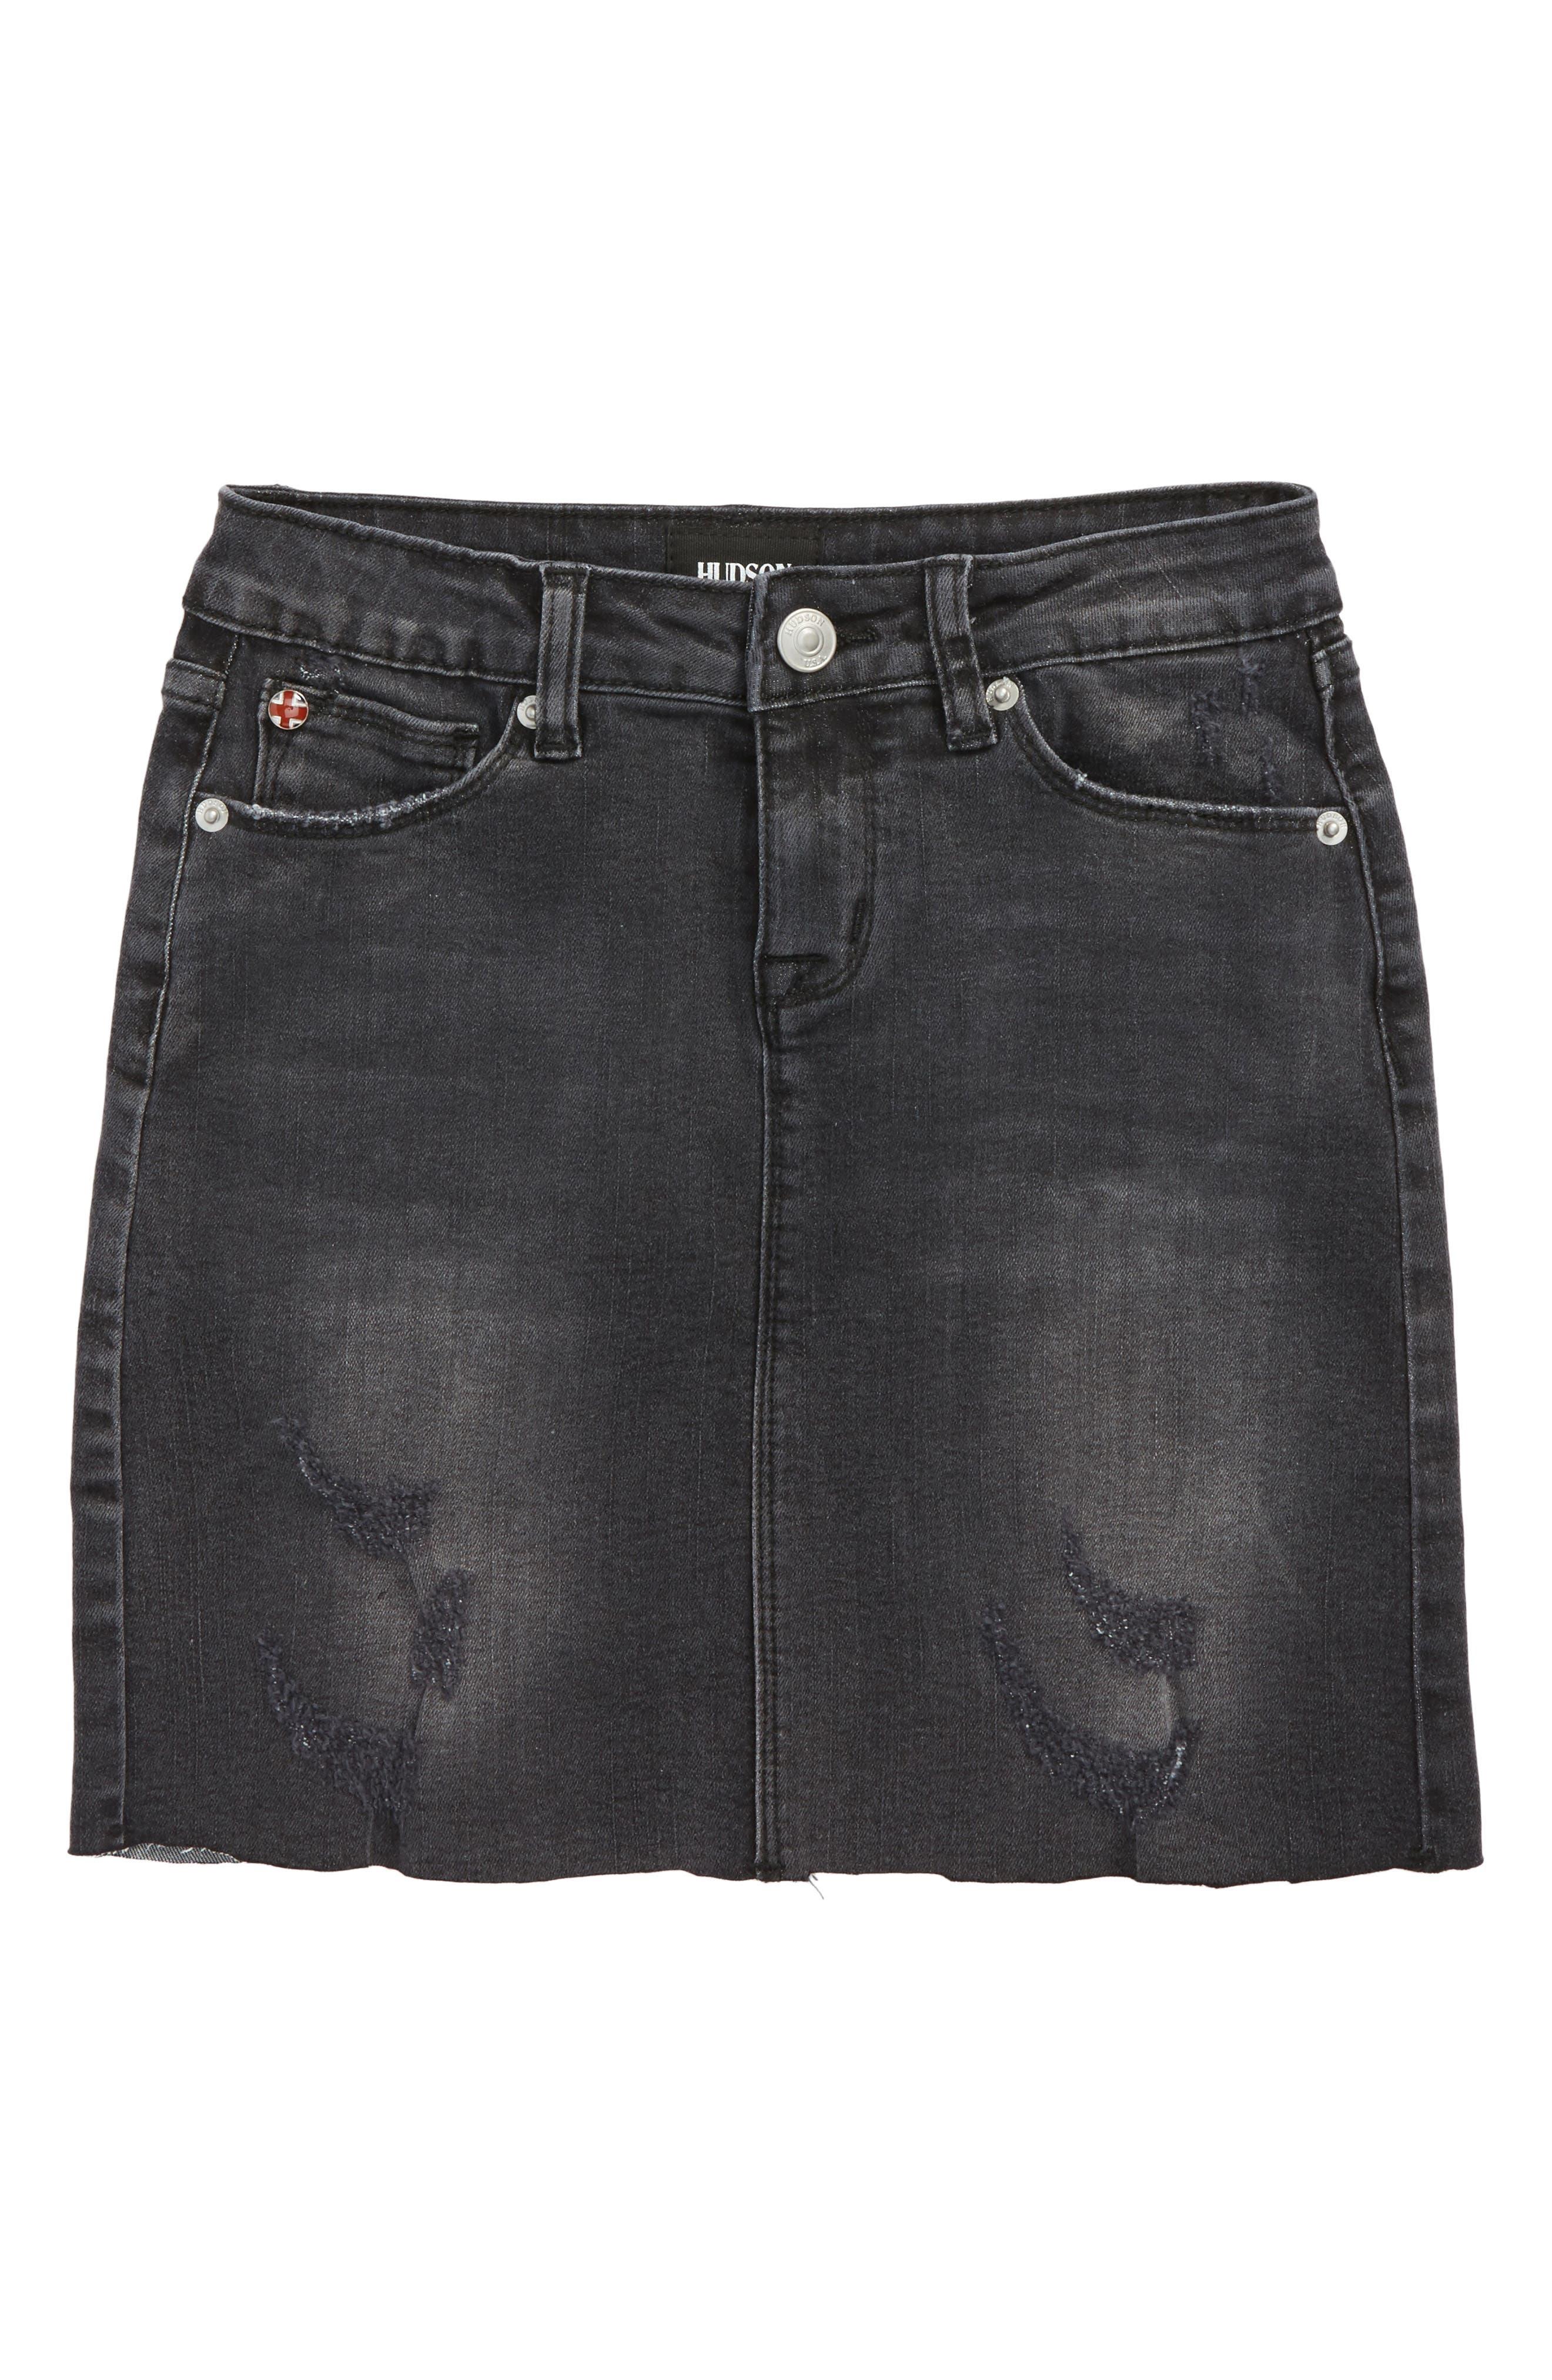 Tara Cutoff Denim Skirt,                         Main,                         color, Black Wash